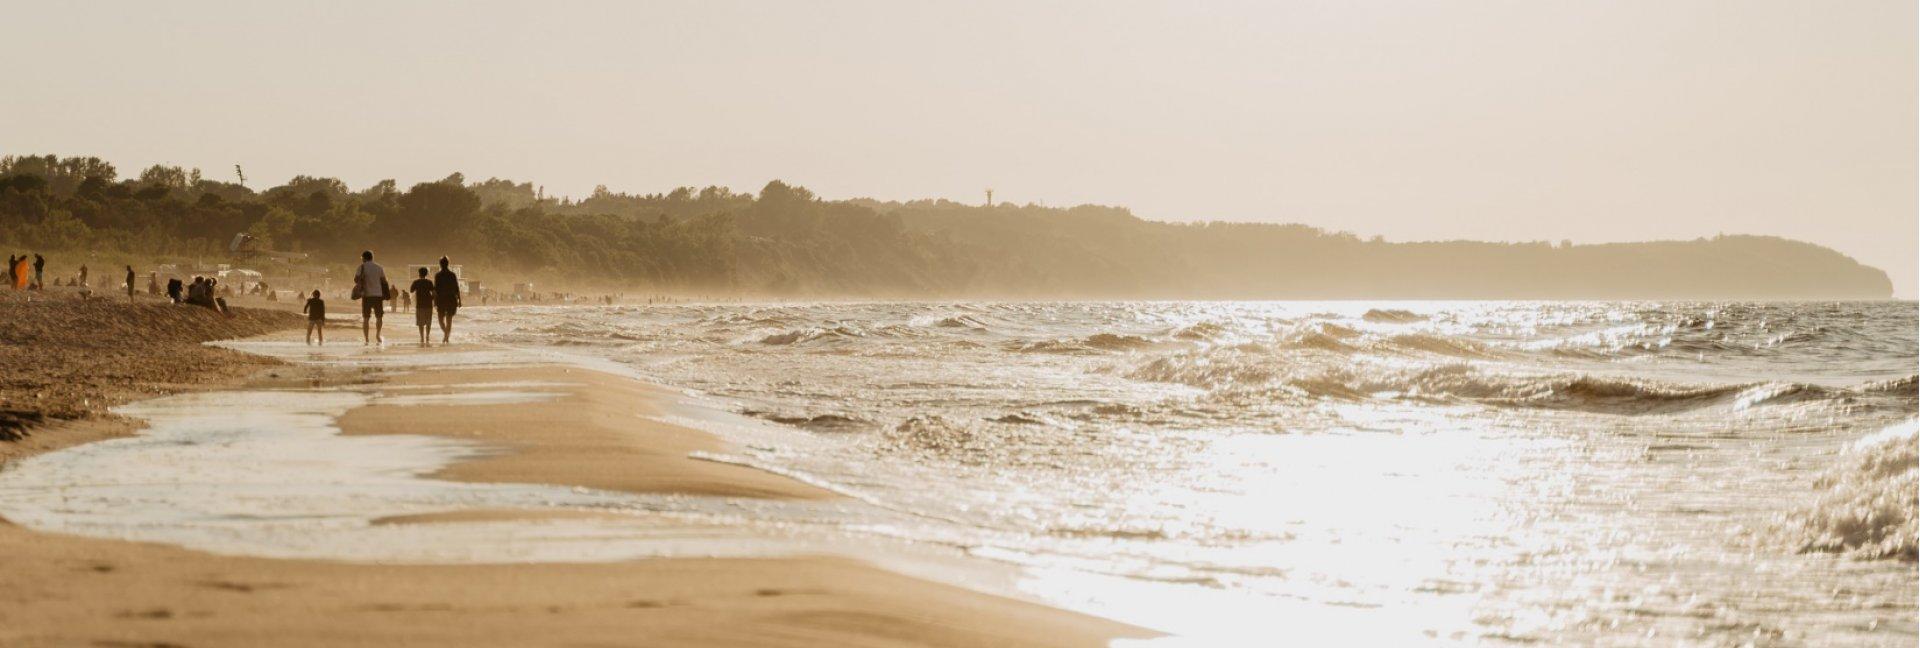 Symbioza - Raport zrównoważonego rozwoju Gwiazdy Morza